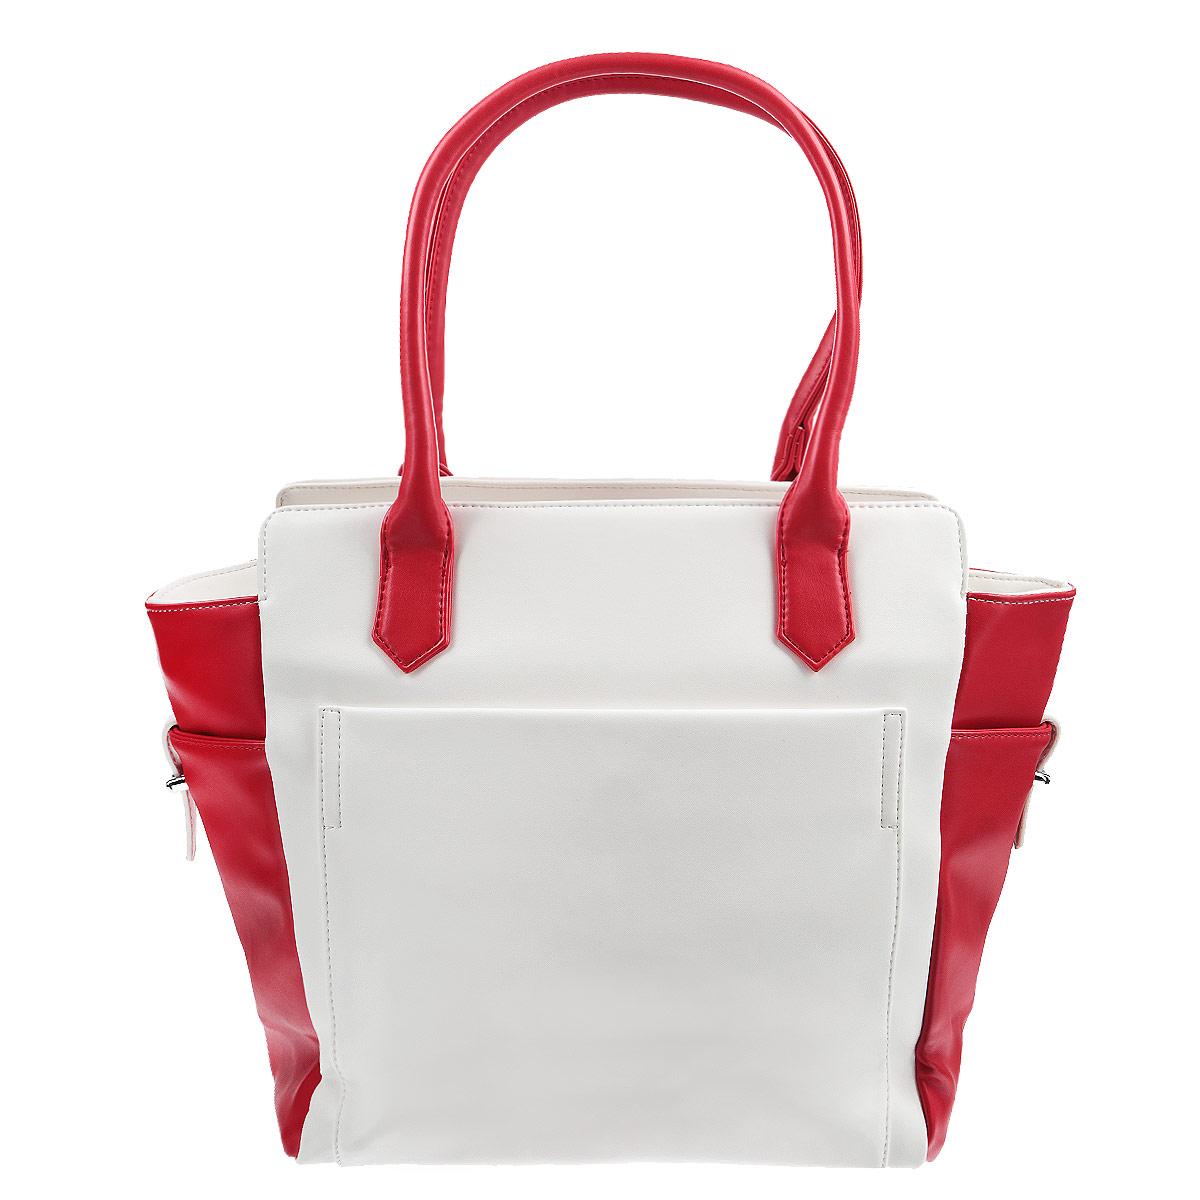 Сумка женская Leighton, цвет: белый, красный. 10870-082/101/082/2210870-082/101/082/22Стильная женская сумка Leighton изготовлена из высококачественной искусственной кожи. Сумка состоит из одного большого отделения, закрывающегося на застежку-молнию. Внутри расположены два накладных кармашка для мелочей, один вшитый карман на застежке-молнии и смежный карман на застежке-молнии. Тыльная и фронтальная стороны сумки дополнены карманами на магнитных кнопках. На внутренней части сумки находятся два прорезных кармана на застежках-молниях, расположенные выше основного отделения. Боковые стороны сумки также оснащены небольшими карманами на ремешках. Сумка имеет удобные ручки для переноски и плечевой ремень с регулируемой длиной. Дно защищено четырьмя металлическими ножками, обеспечивающими необходимую устойчивость. Изделие упаковано в фирменный чехол. Сумка Leighton - это практичный и удобный аксессуар, который станет функциональным дополнением к любому стилю. Блестящий дизайн сумки, сочетающий классические формы с оригинальным оформлением, позволит...